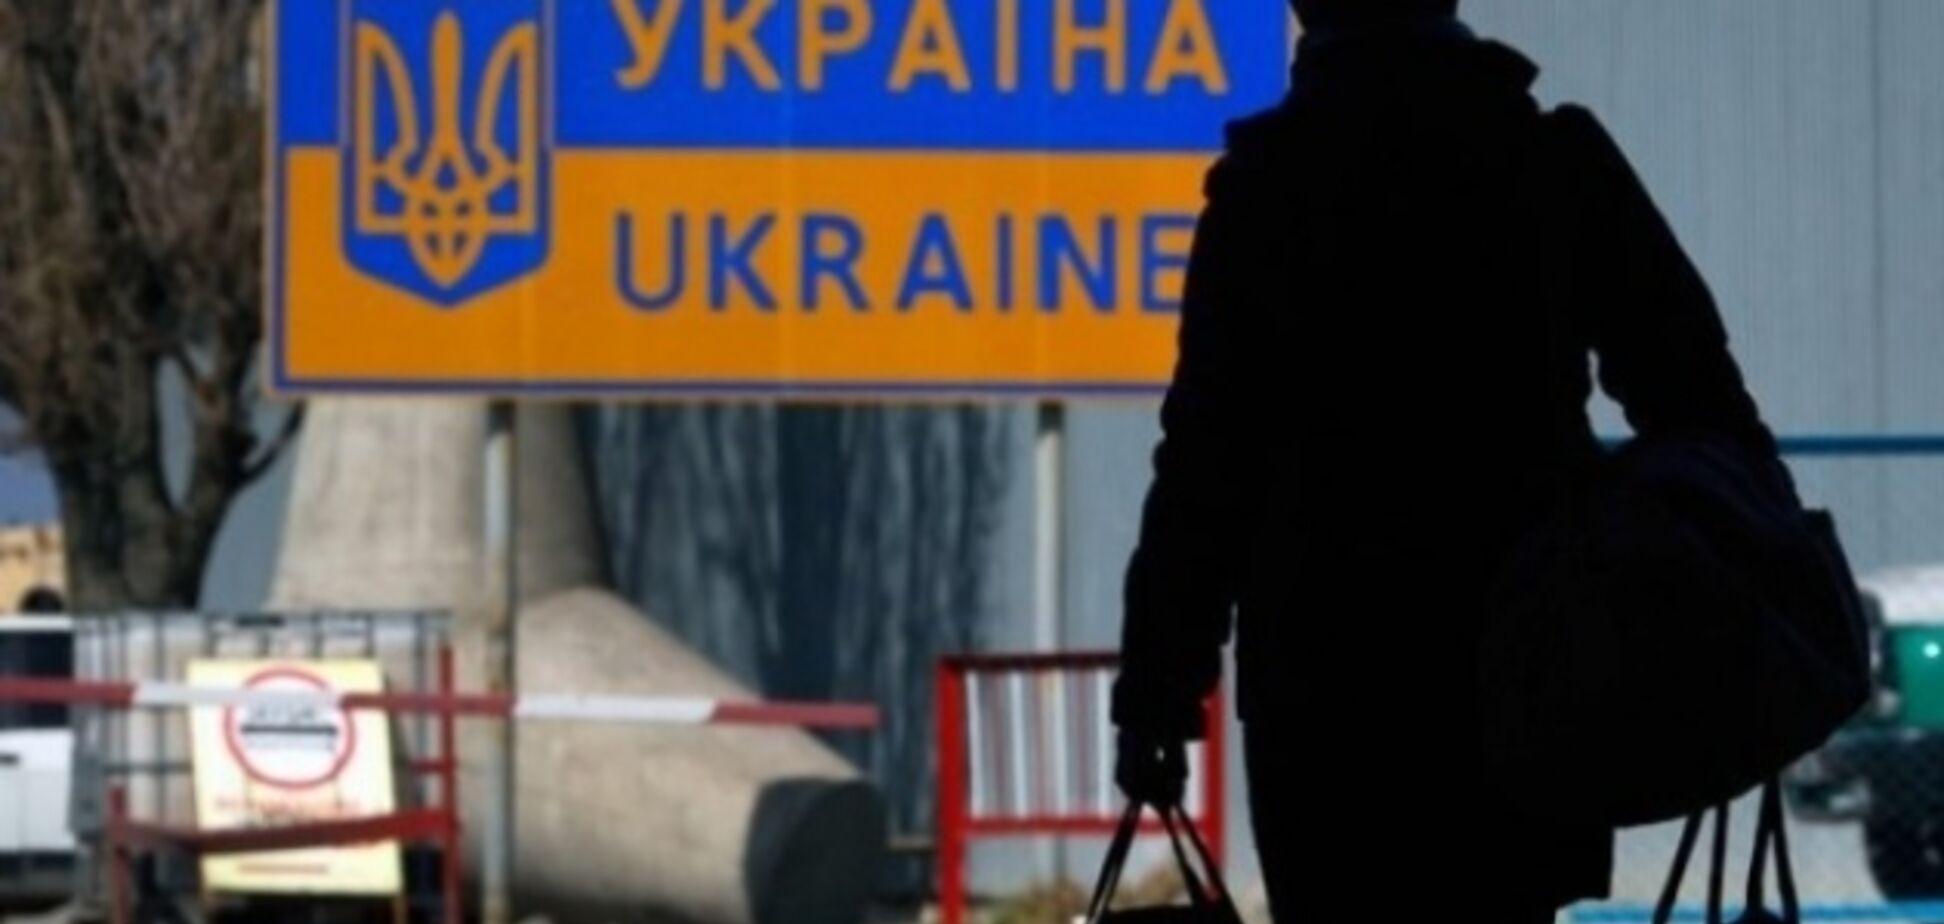 Після карантину українці звалять у Європу і навіть не озирнуться